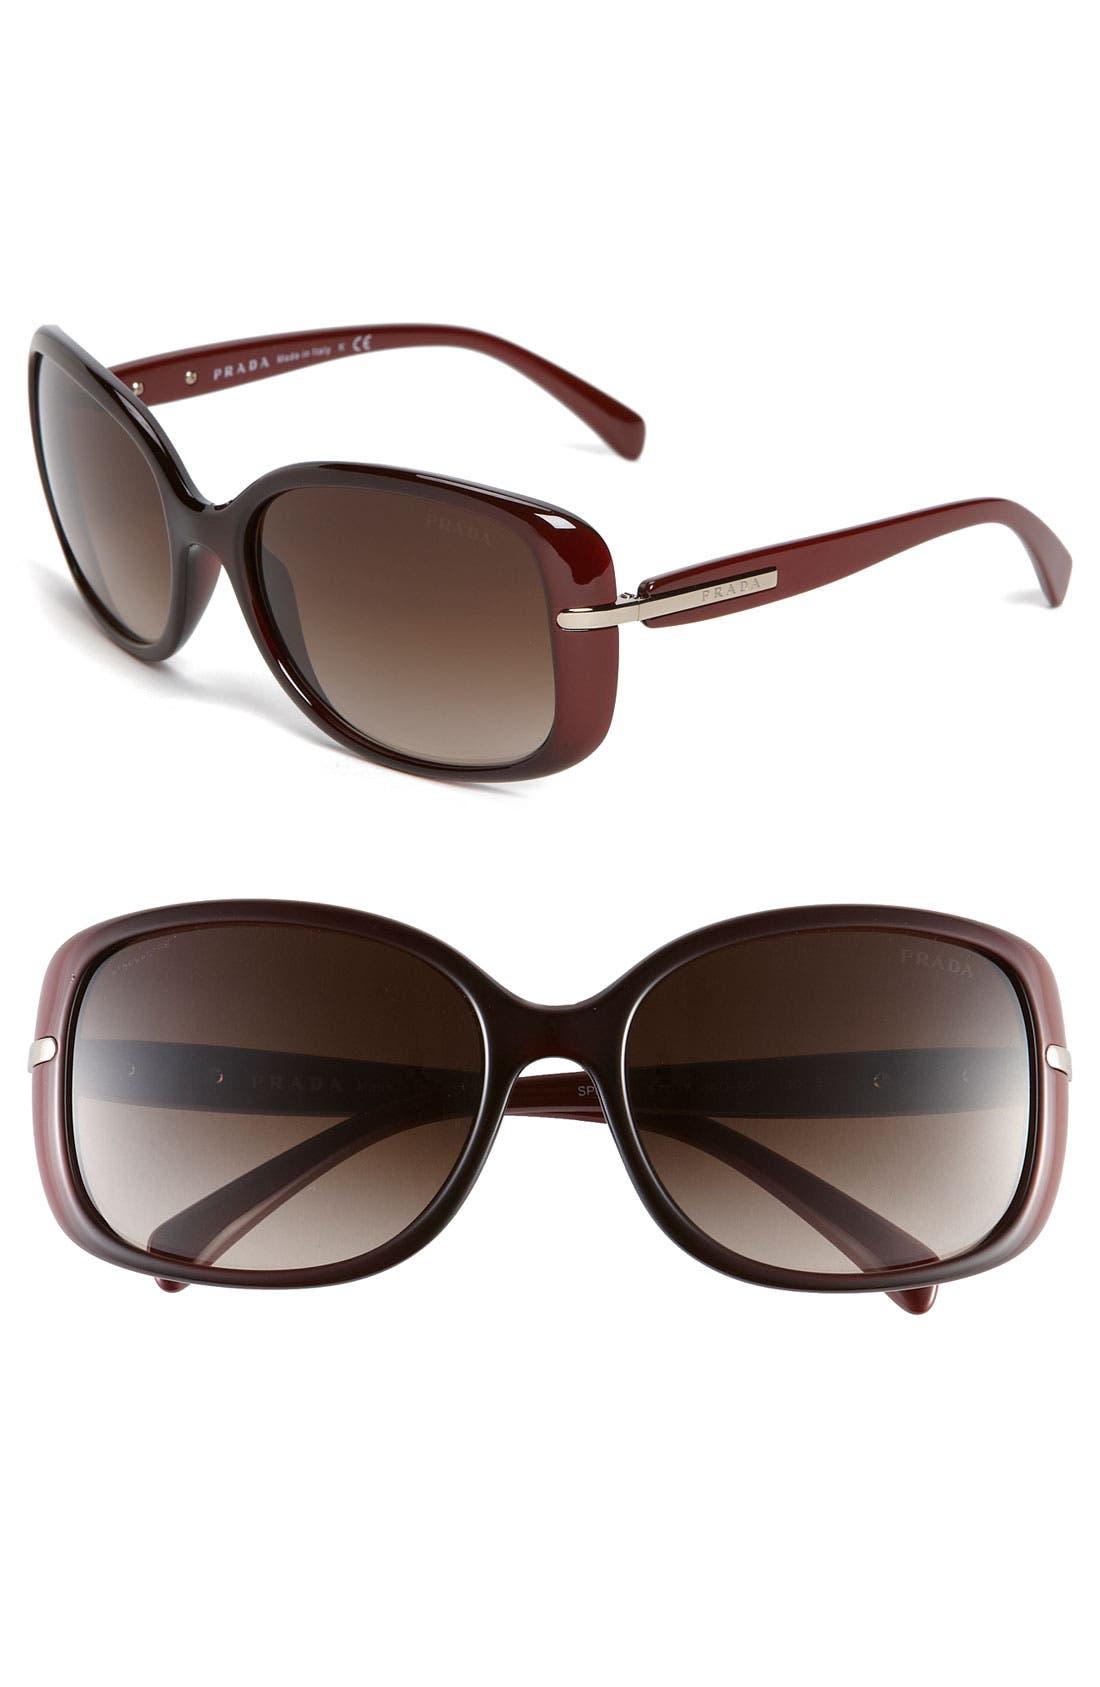 Main Image - Prada 57mm Rectangular Sunglasses